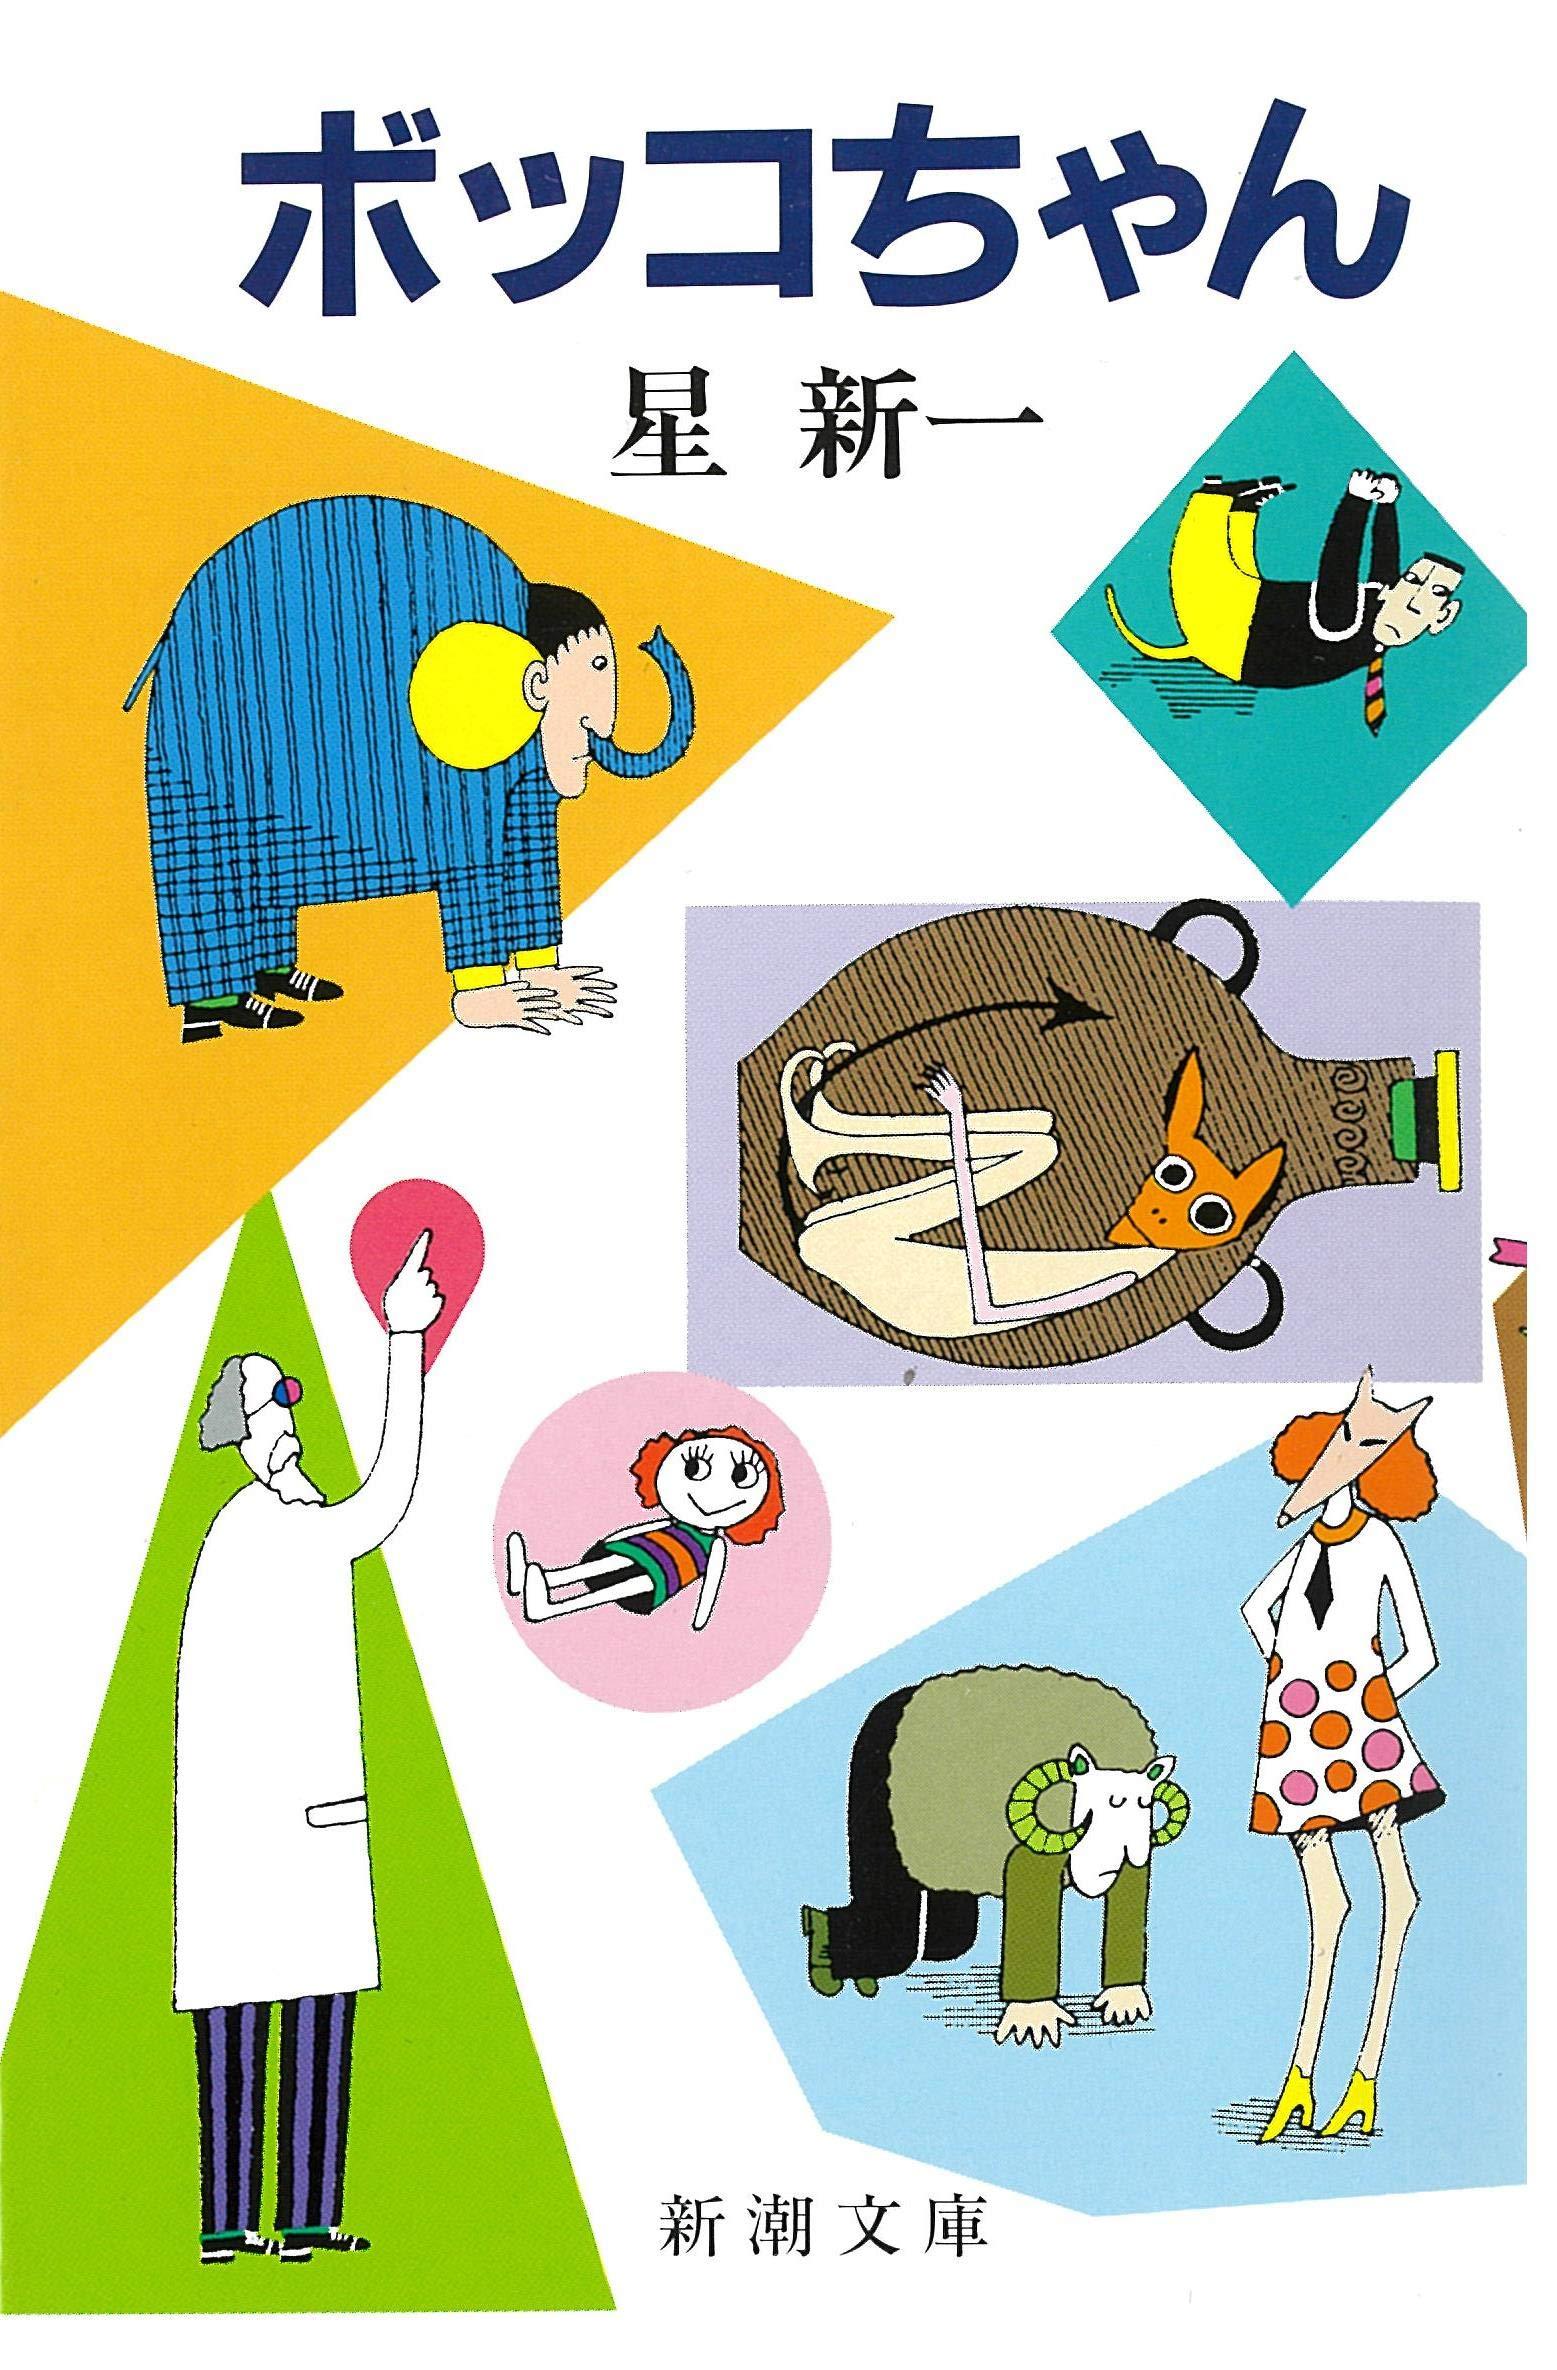 星新一(1972)『ボッコちゃん』新潮文庫